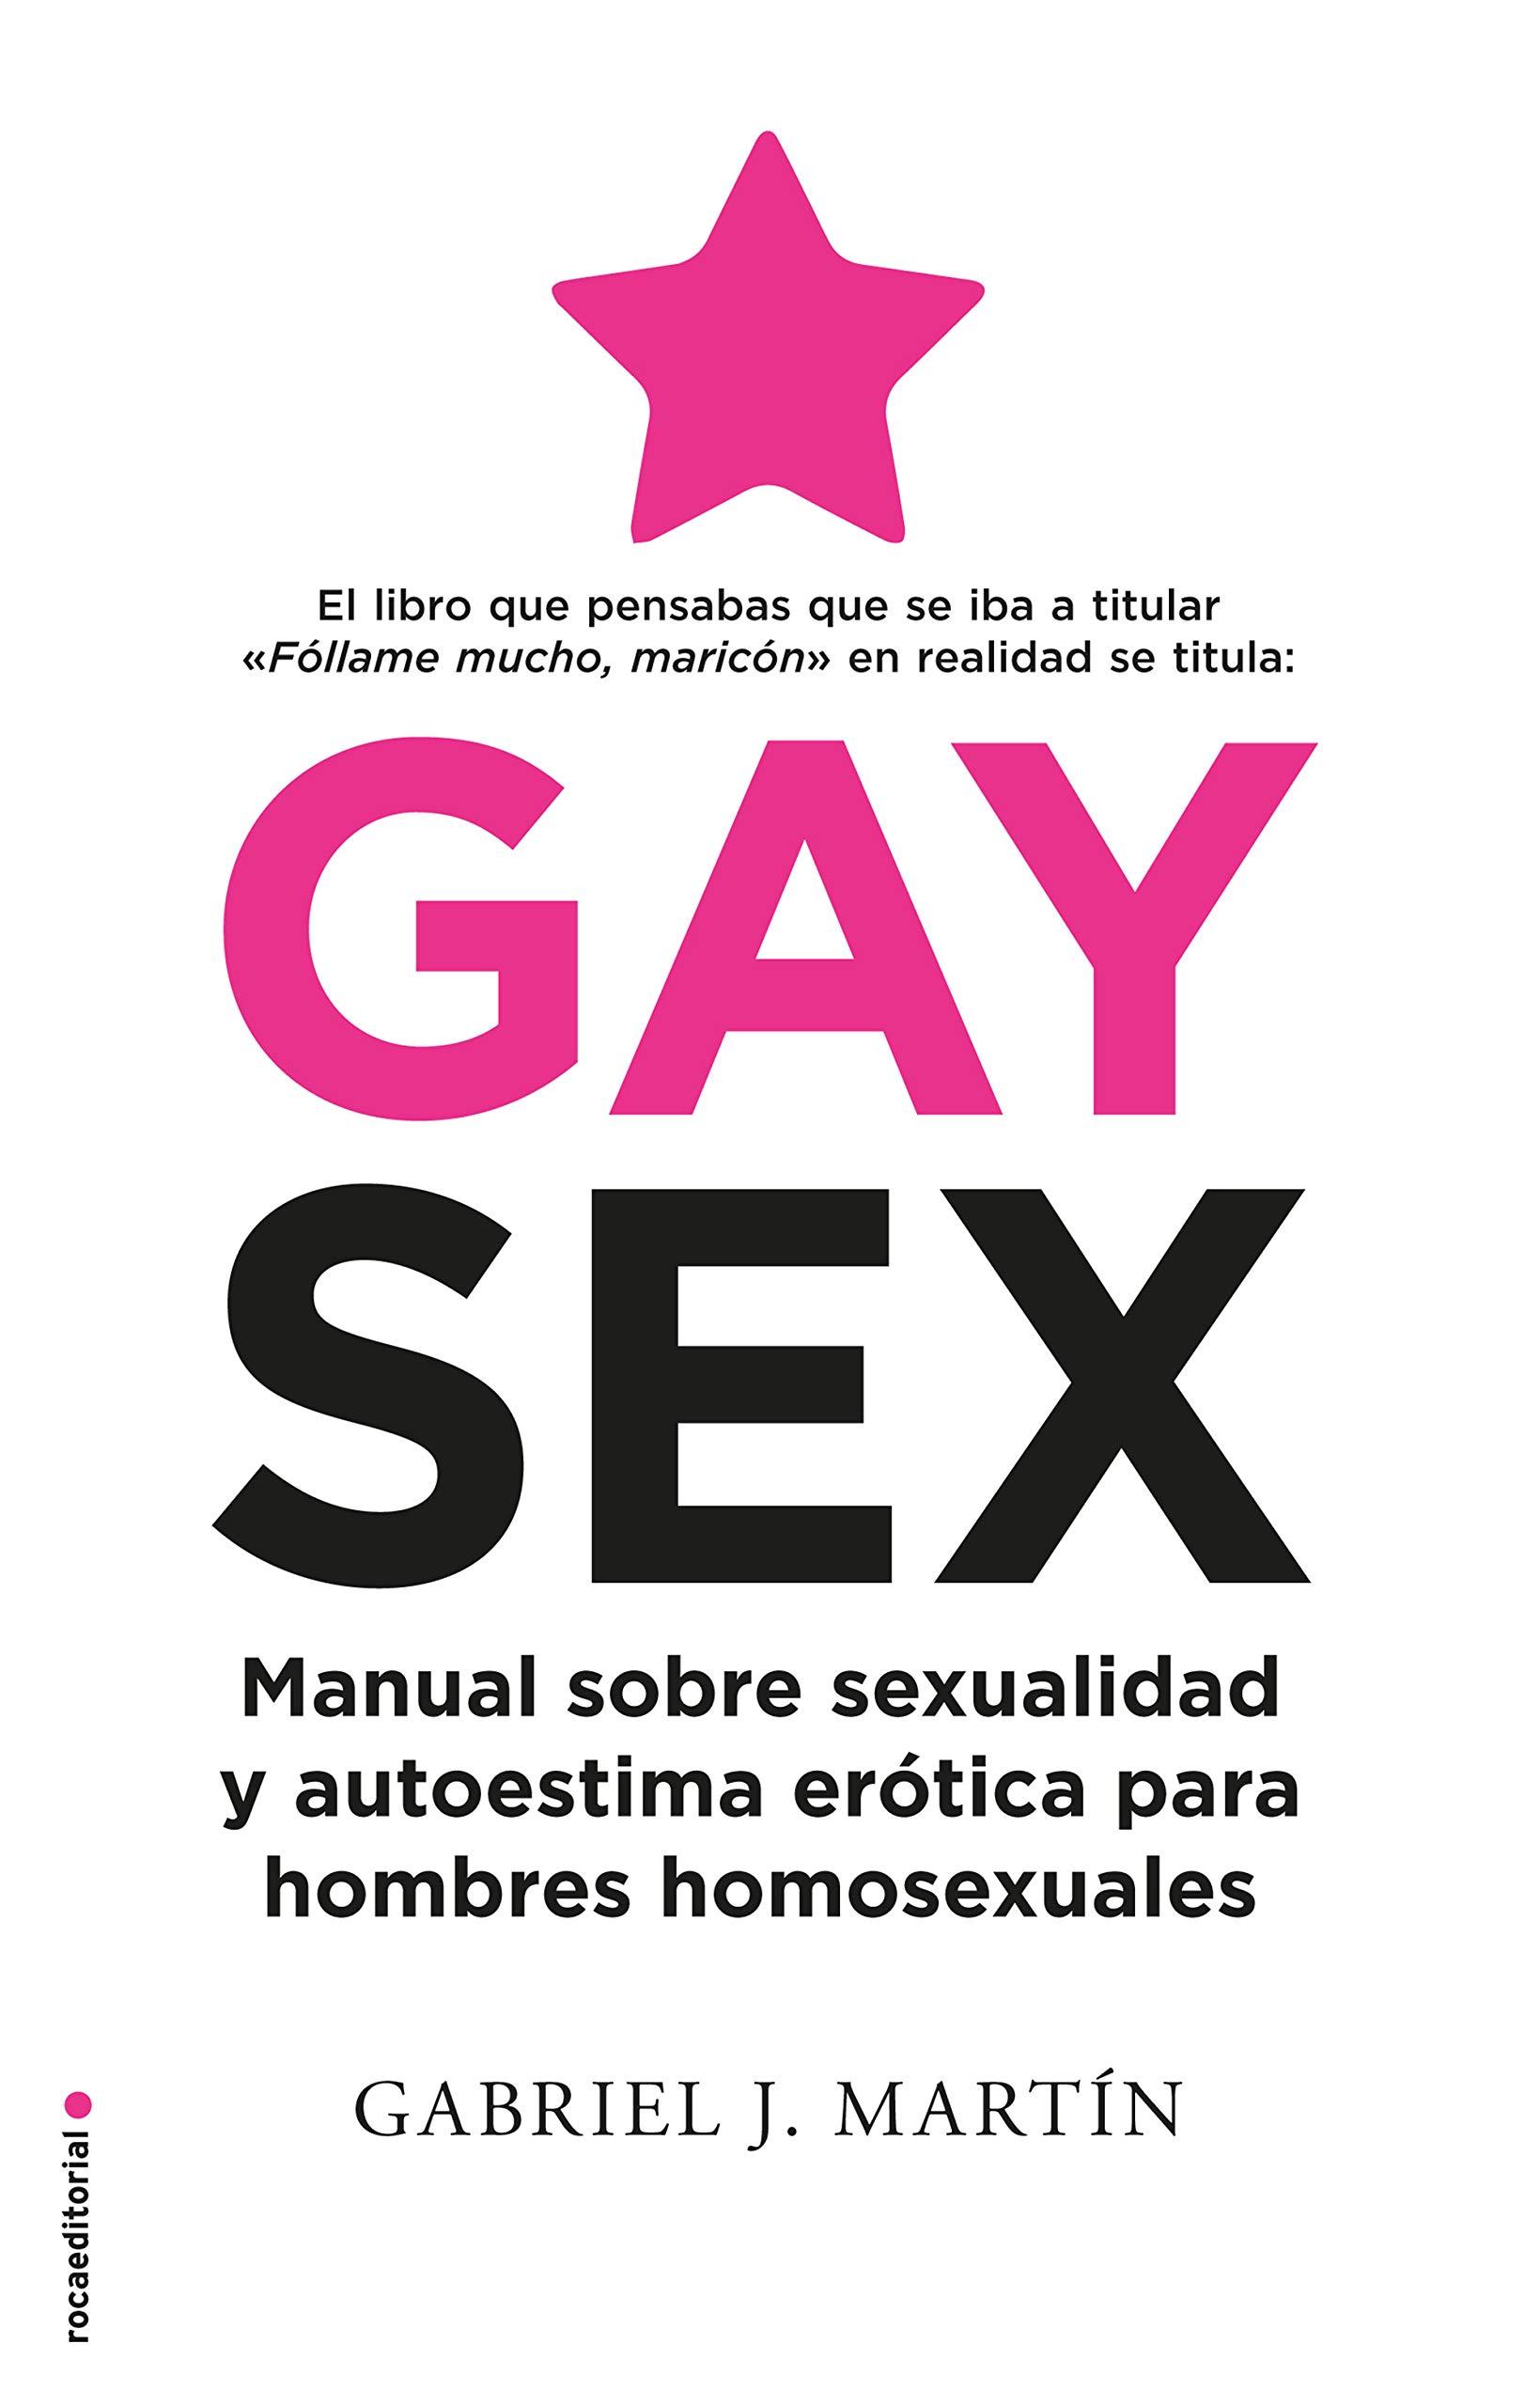 Gay Sex: Manual sobre sexualidad y autoestima erótica para hombres homosexuales (No Ficción) por Gabriel J. Martín